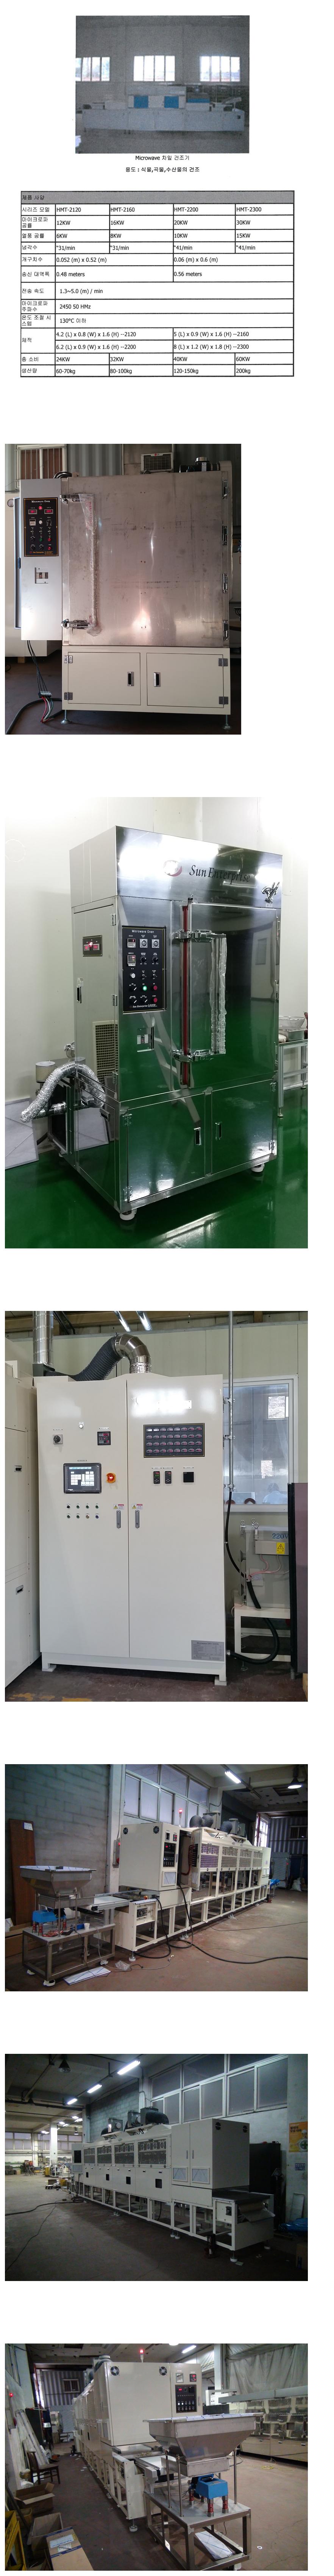 태양기업 Microwave Dry Oven 3단 (식품가공) HMT-2120/2160/2200/2300